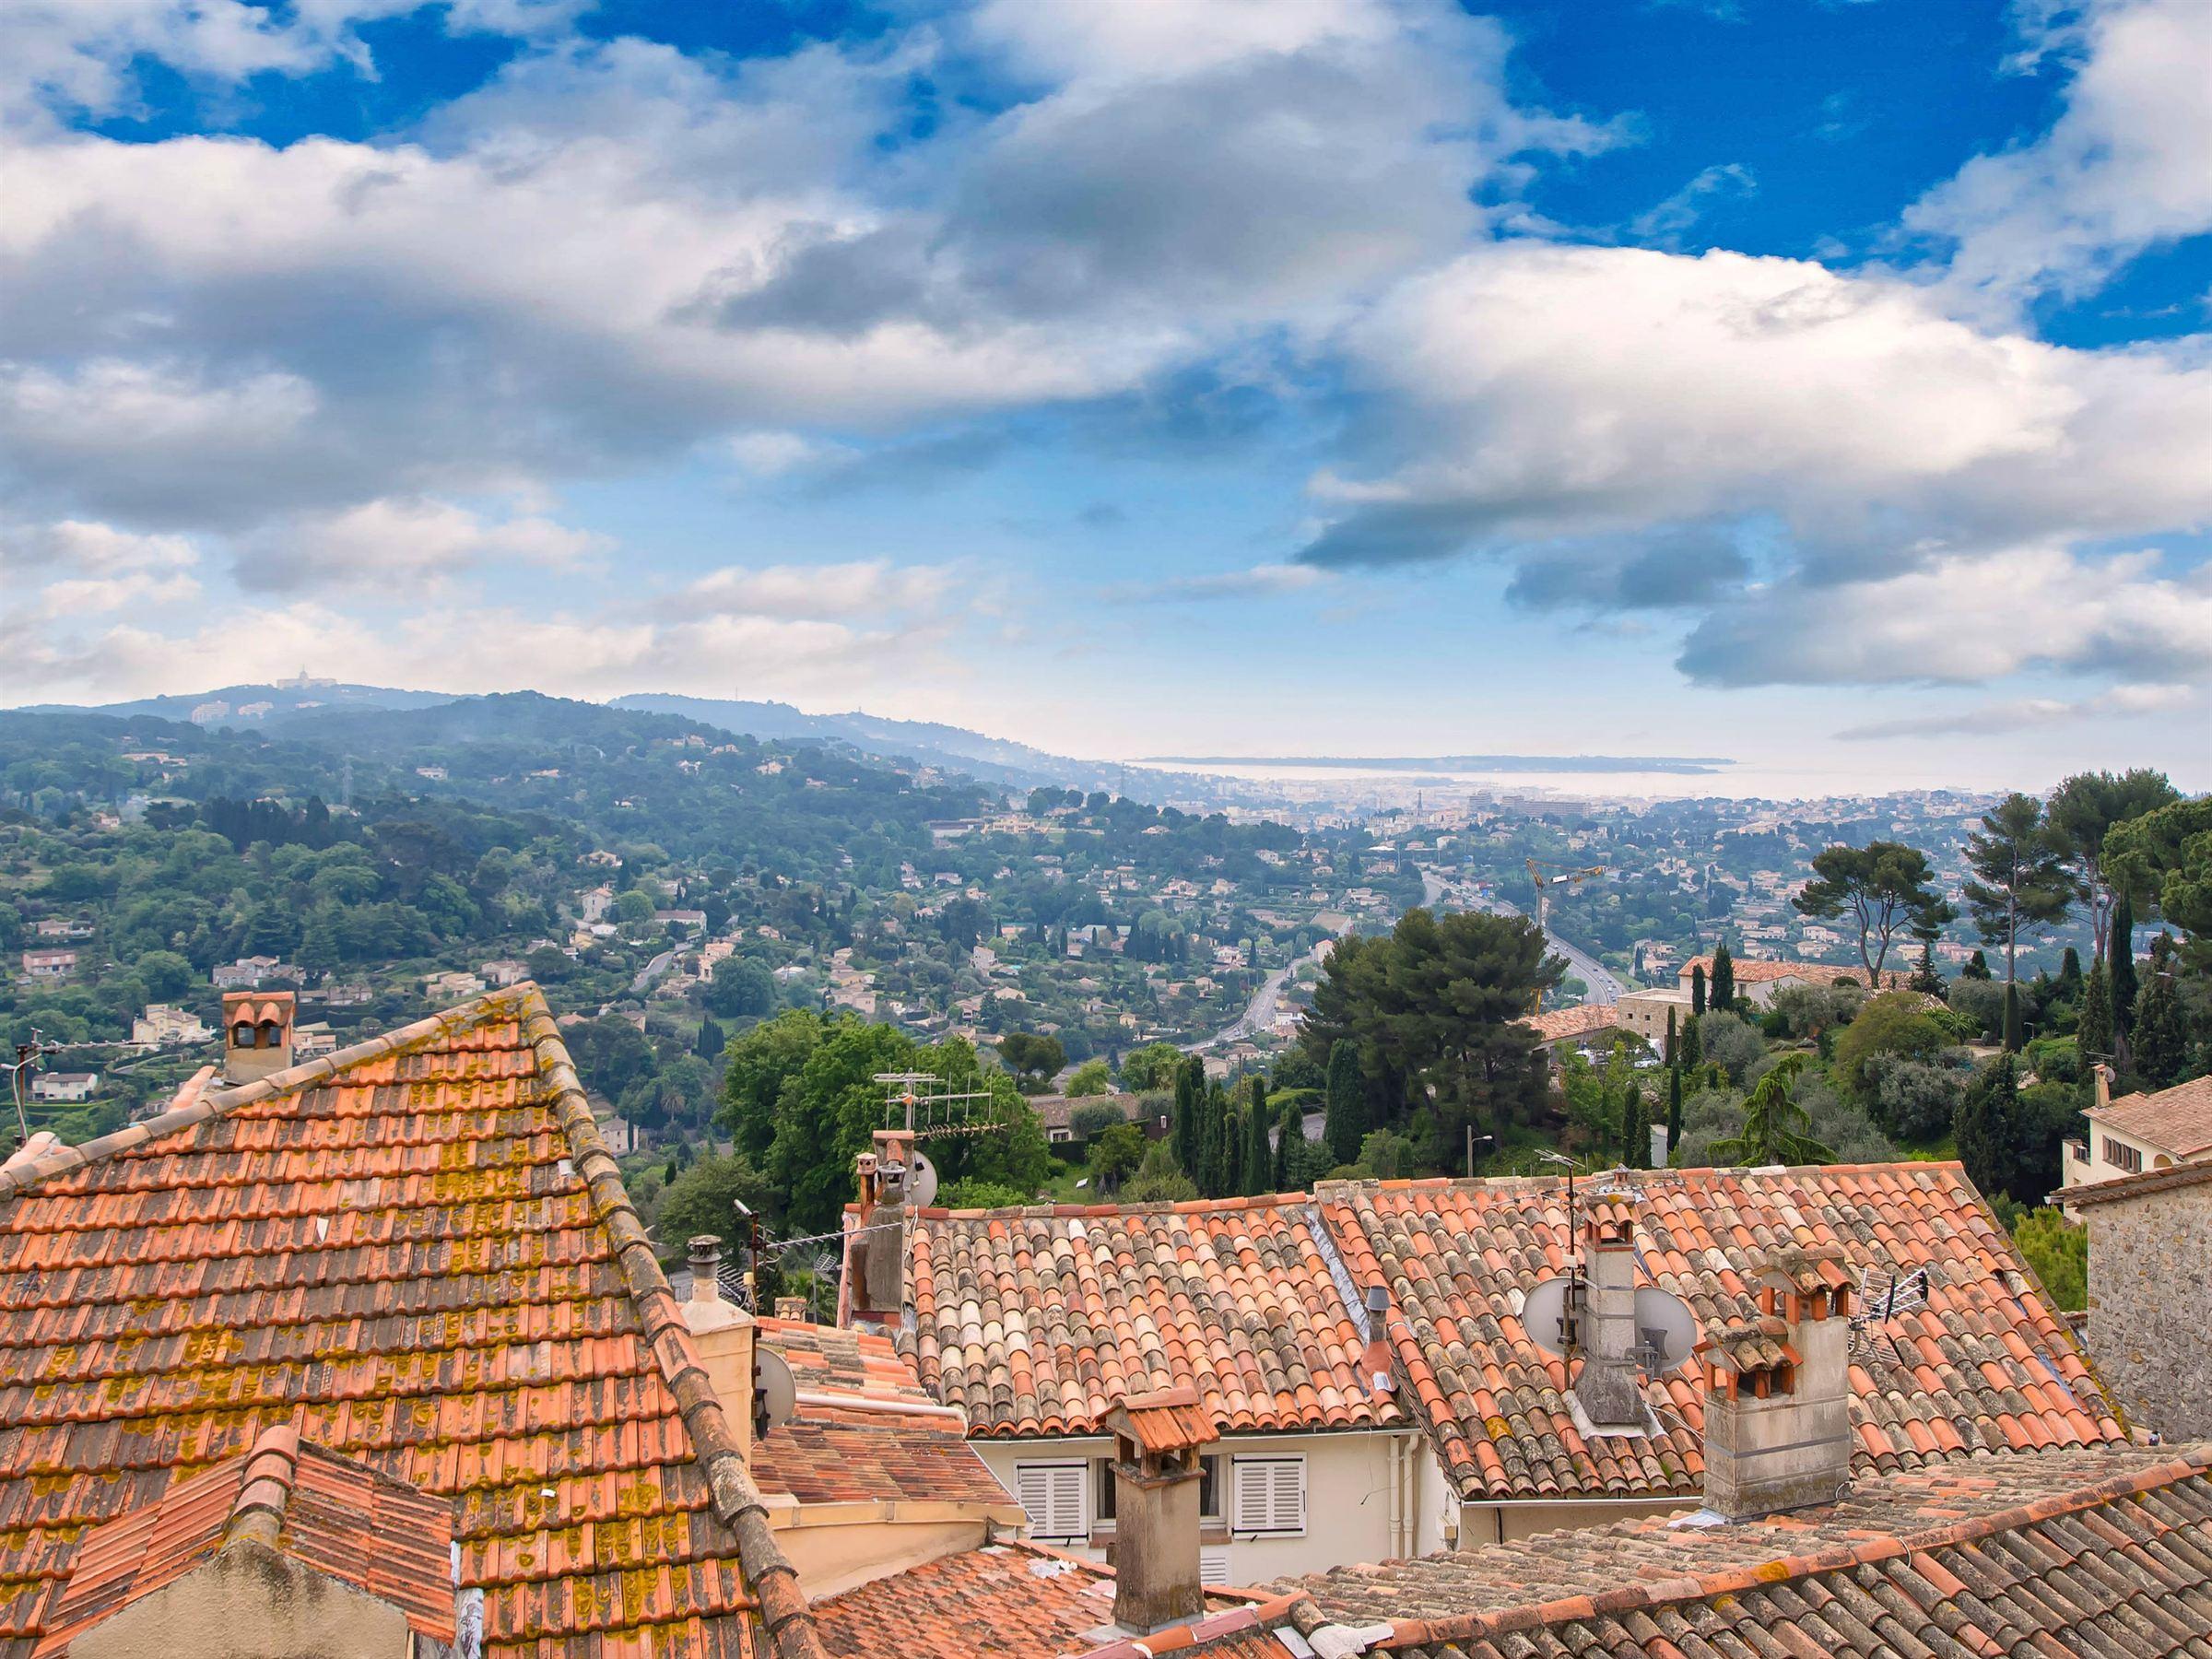 Apartamento por un Venta en Roof top flat in heart of Village of mougins with sea views for sale Mougins, Provincia - Alpes - Costa Azul 06250 Francia